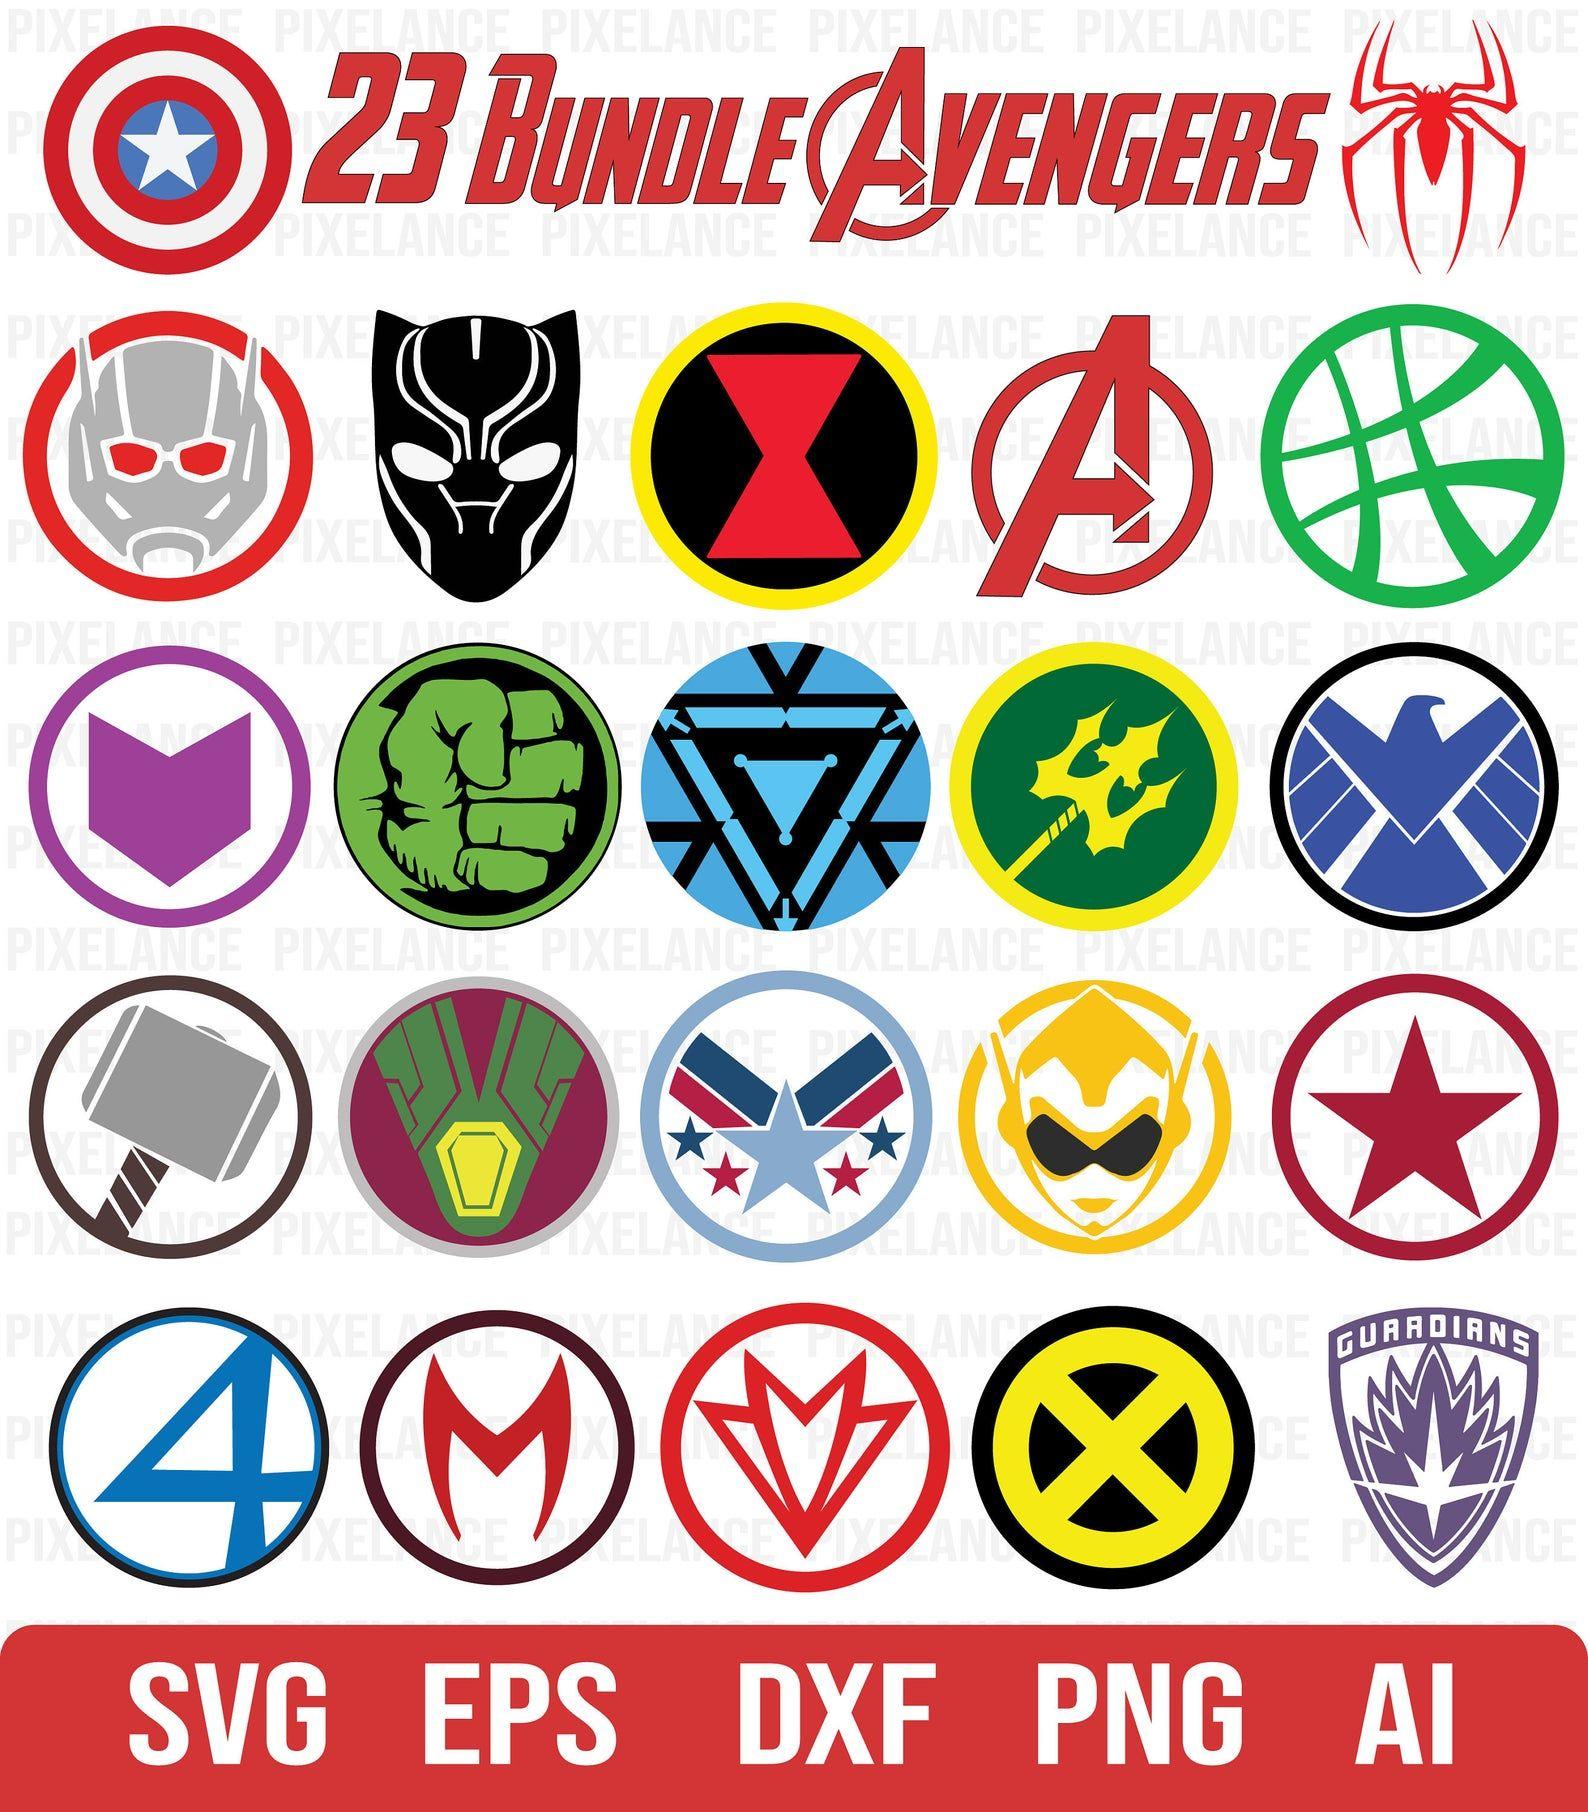 ALL Avengers Logo SVG, Avengers Logo Vector, Superhero